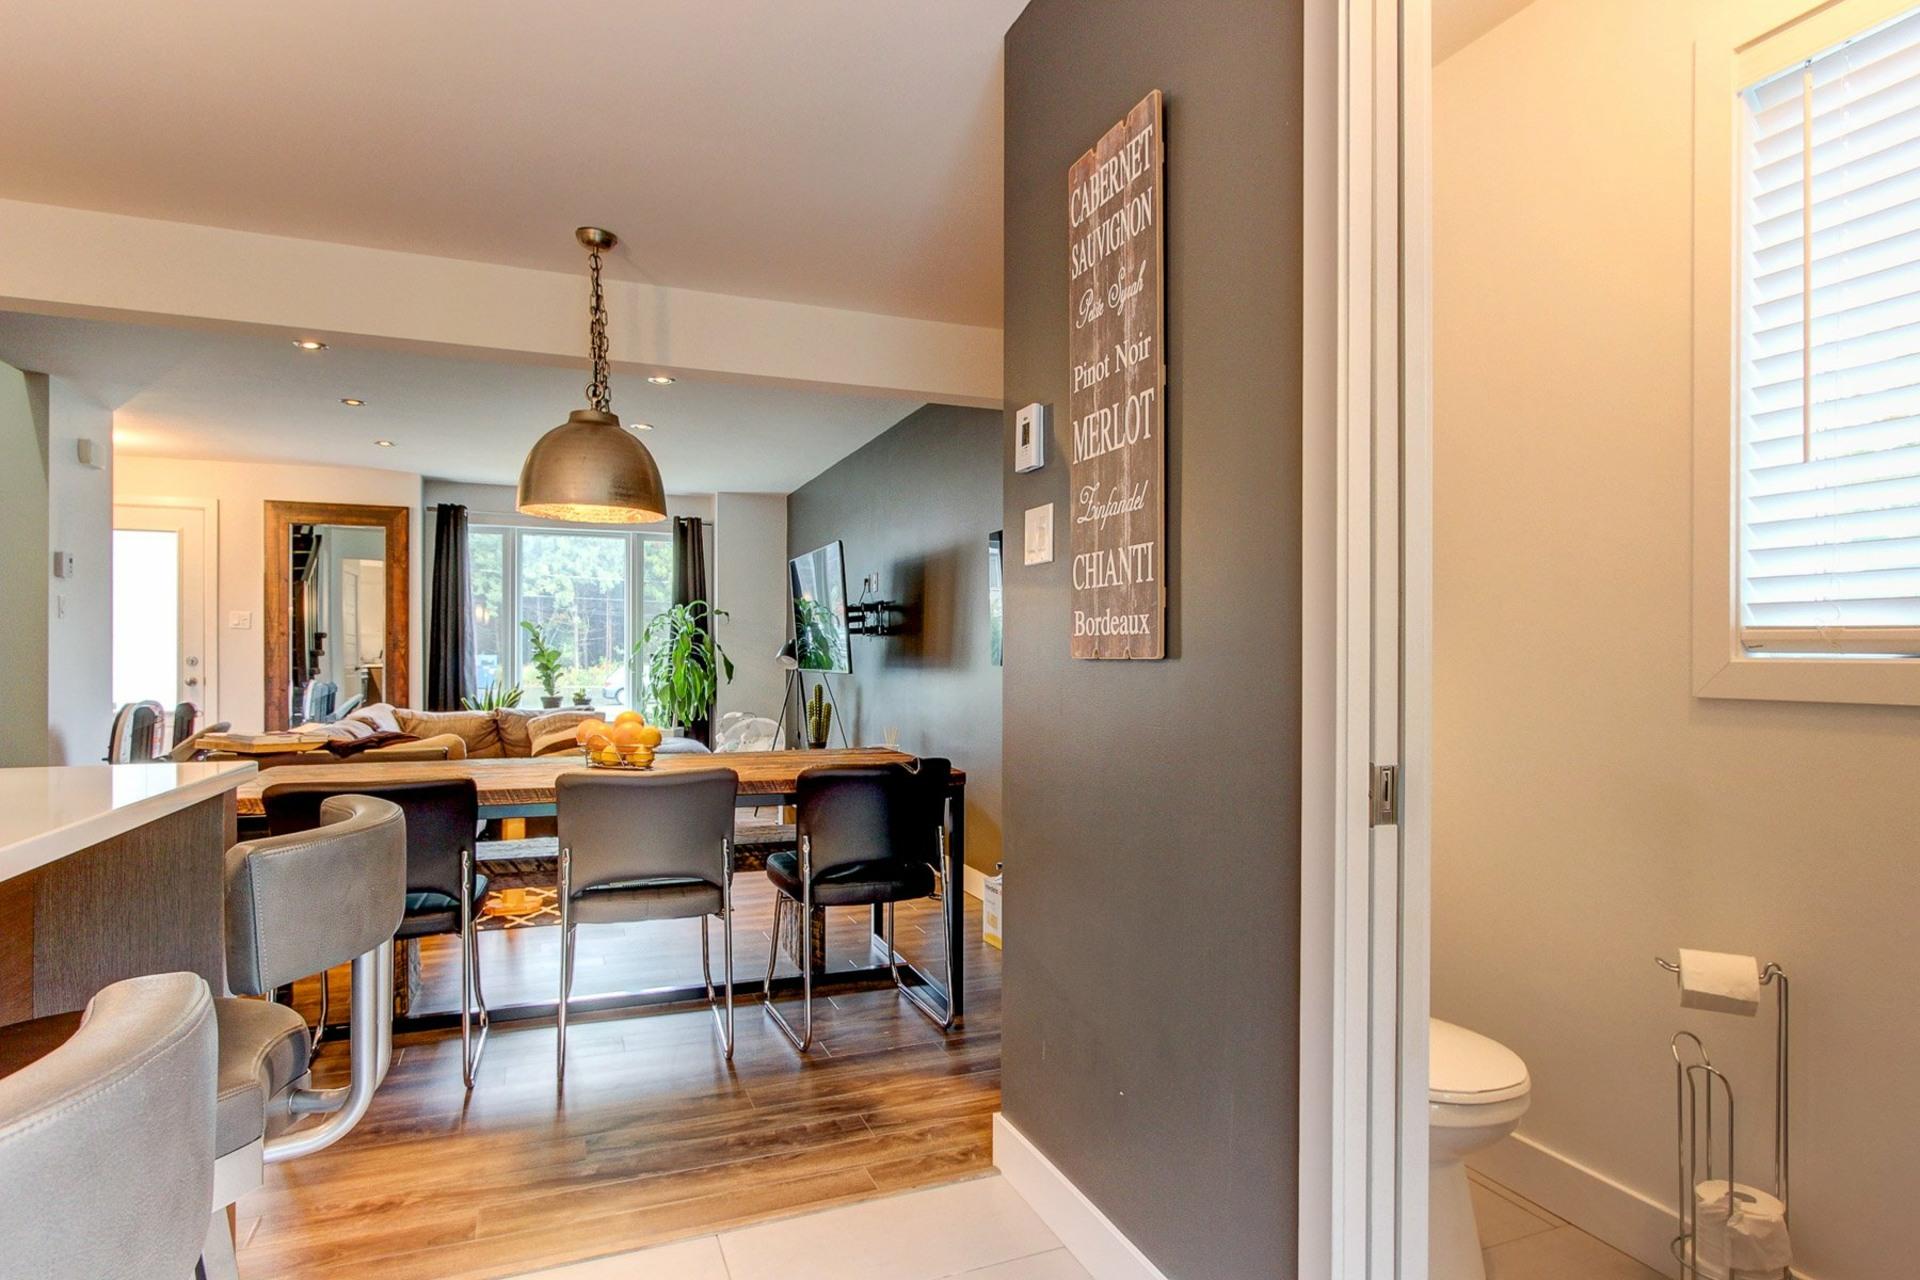 image 8 - Appartement À vendre Trois-Rivières - 7 pièces